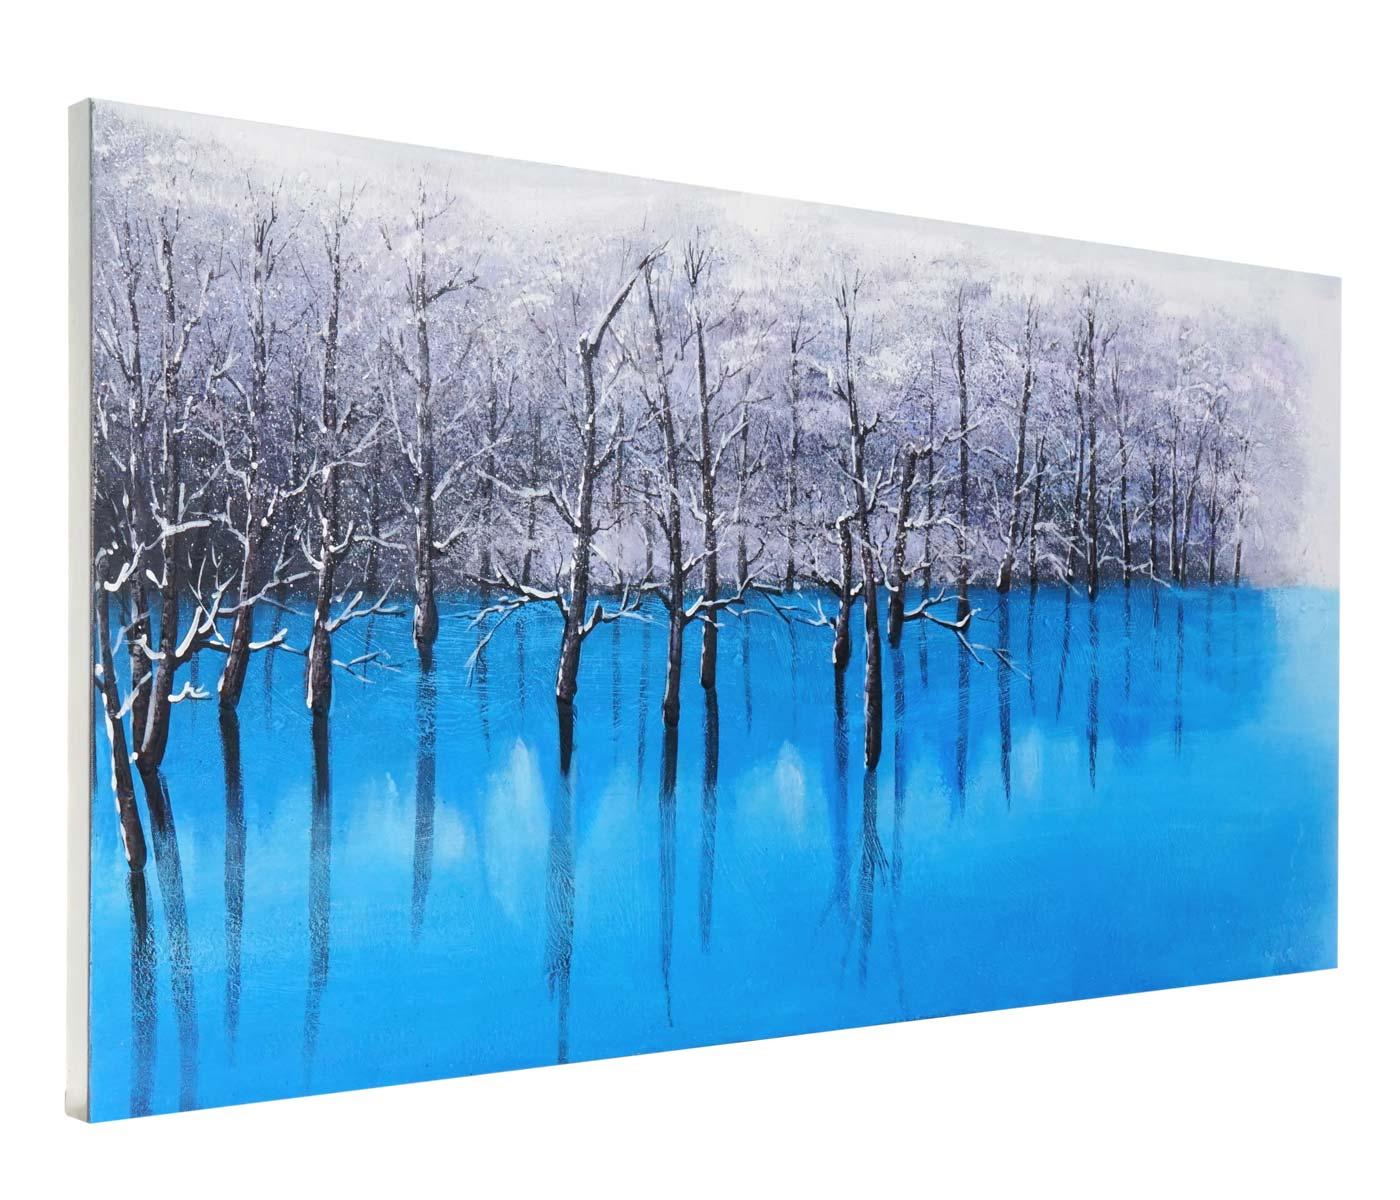 lgem lde blauer see 100 handgemalt 140x70cm kaufen bei mendler vertriebs gmbh. Black Bedroom Furniture Sets. Home Design Ideas